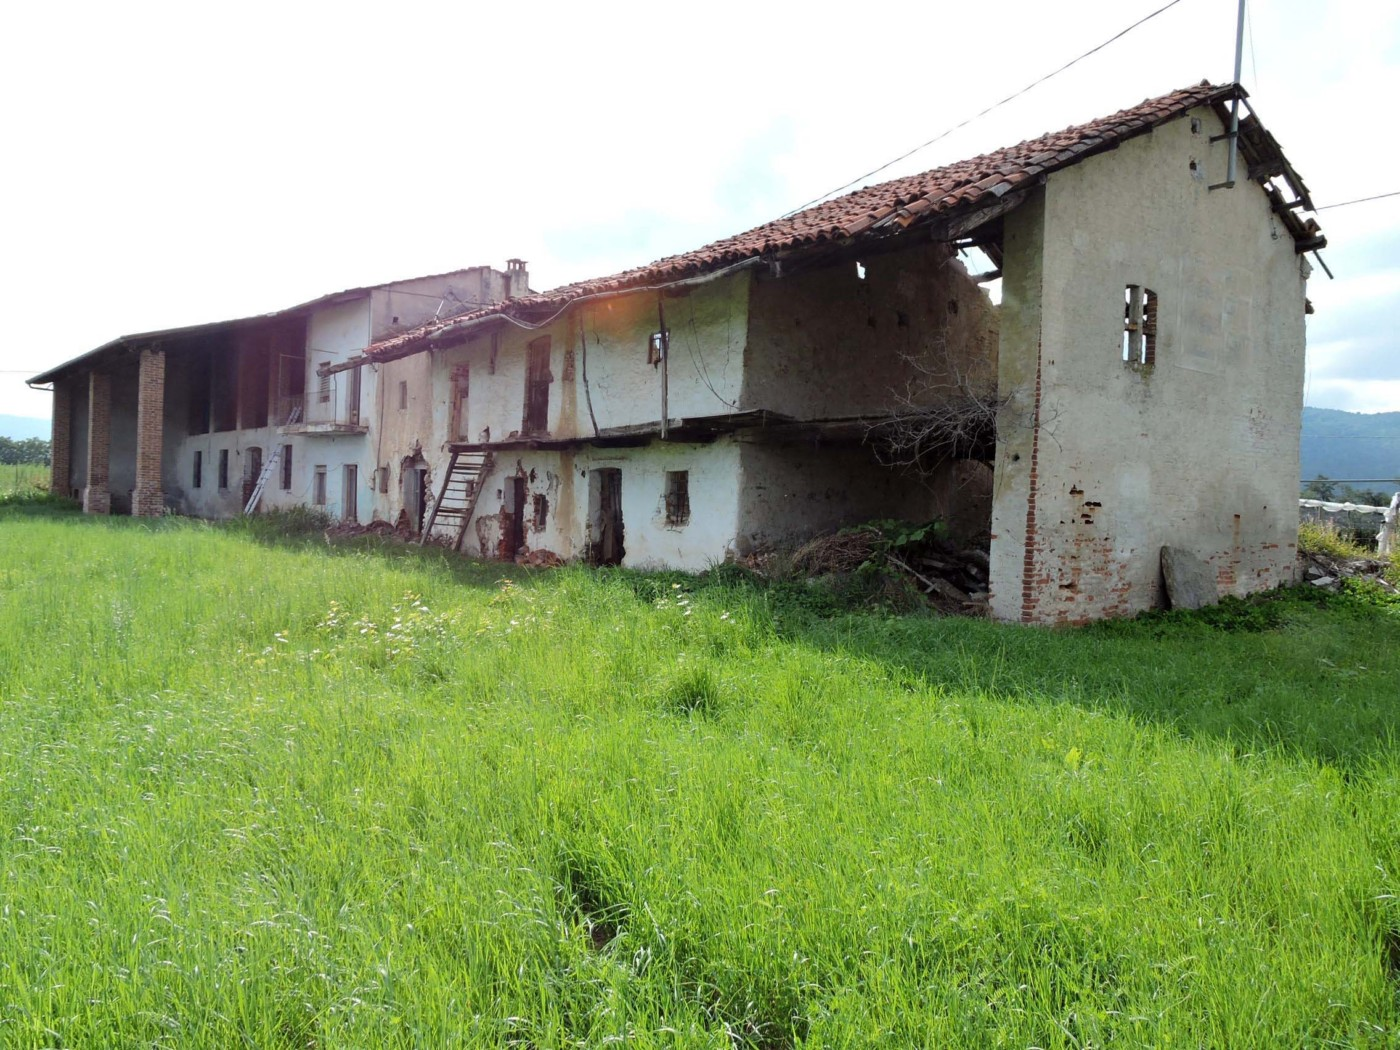 Appartamento in vendita a Busca, 8 locali, prezzo € 110.000 | PortaleAgenzieImmobiliari.it